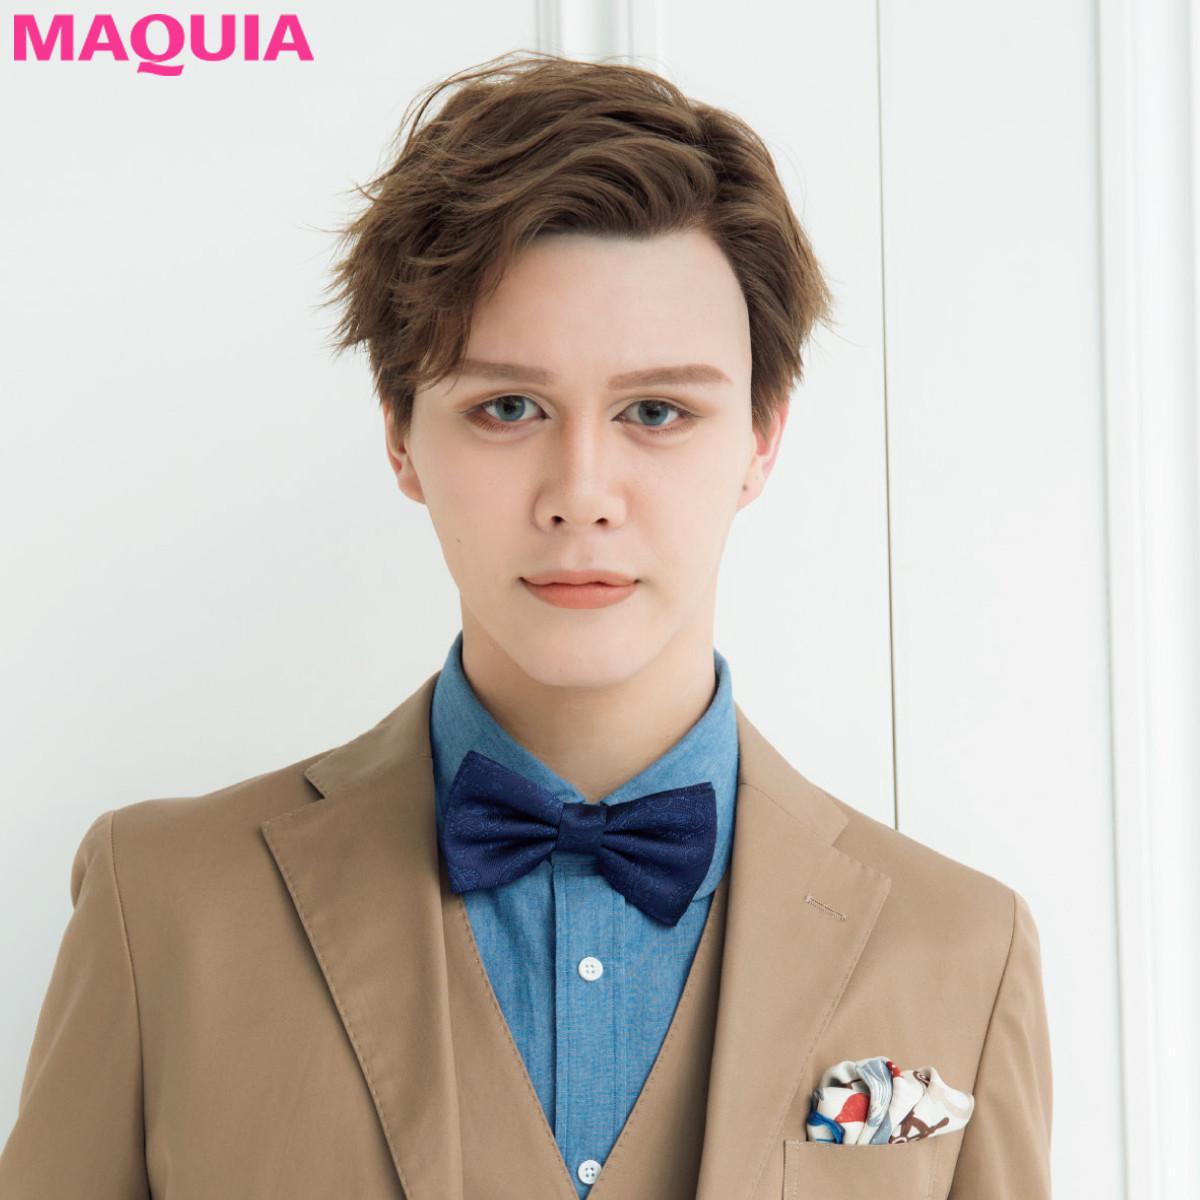 matt いま最も気になる魅惑のセレブ、Mattさんの美容漬けライフに密着! | マキアオンライン(MAQUIA ONLINE)